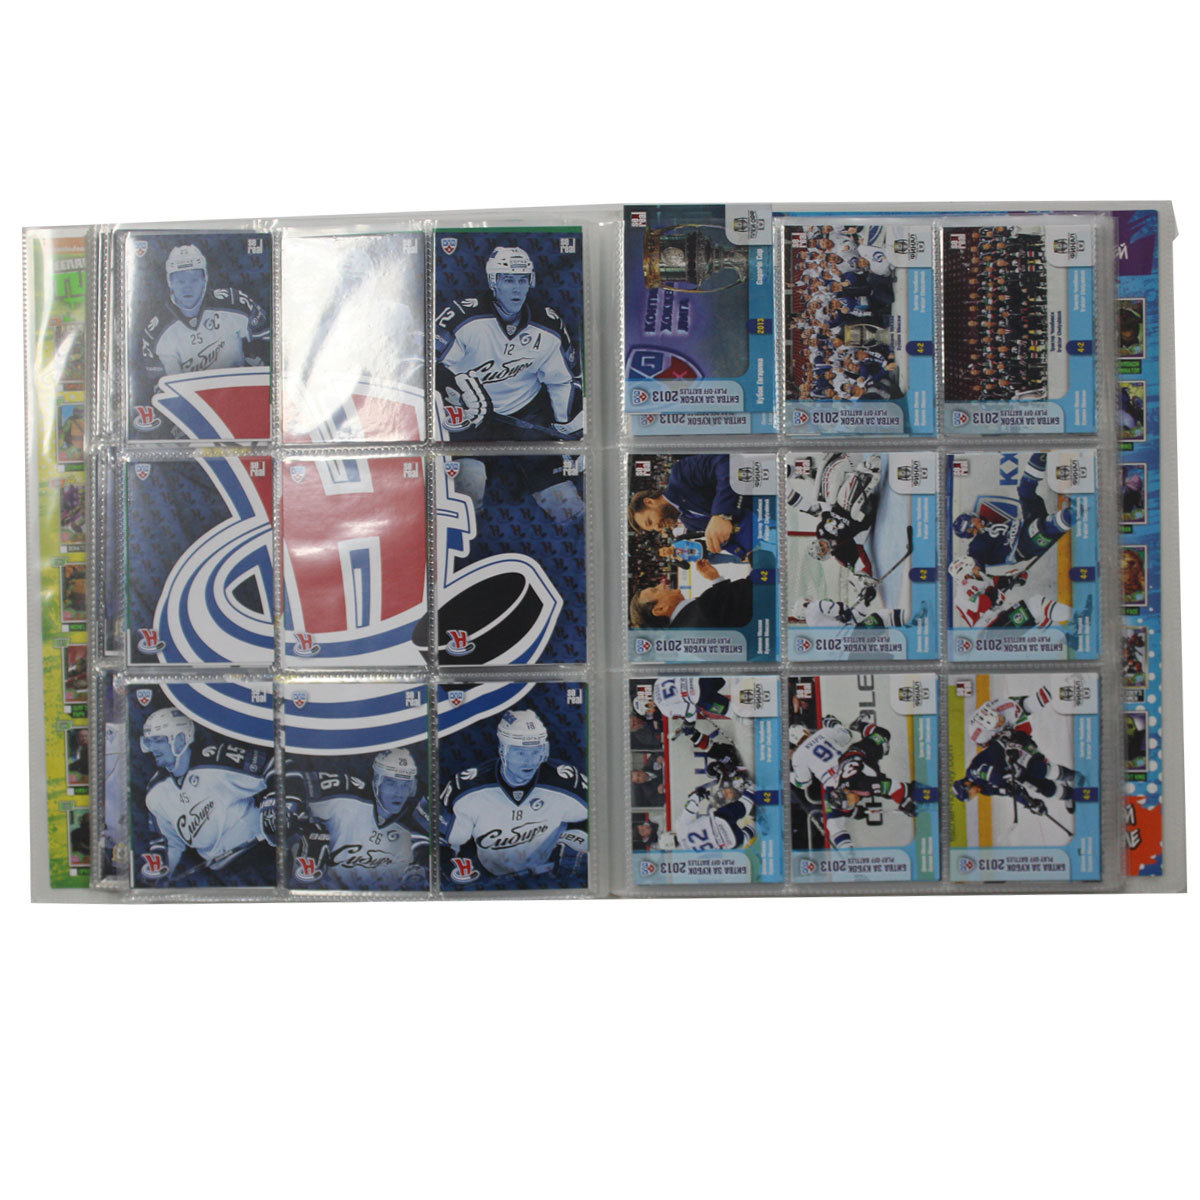 Спортивные карточки. Хоккей. Полный базовый сет 504 шт. + Подсерии 391 шт. SeReal Карточки КХЛ 2013-2014.